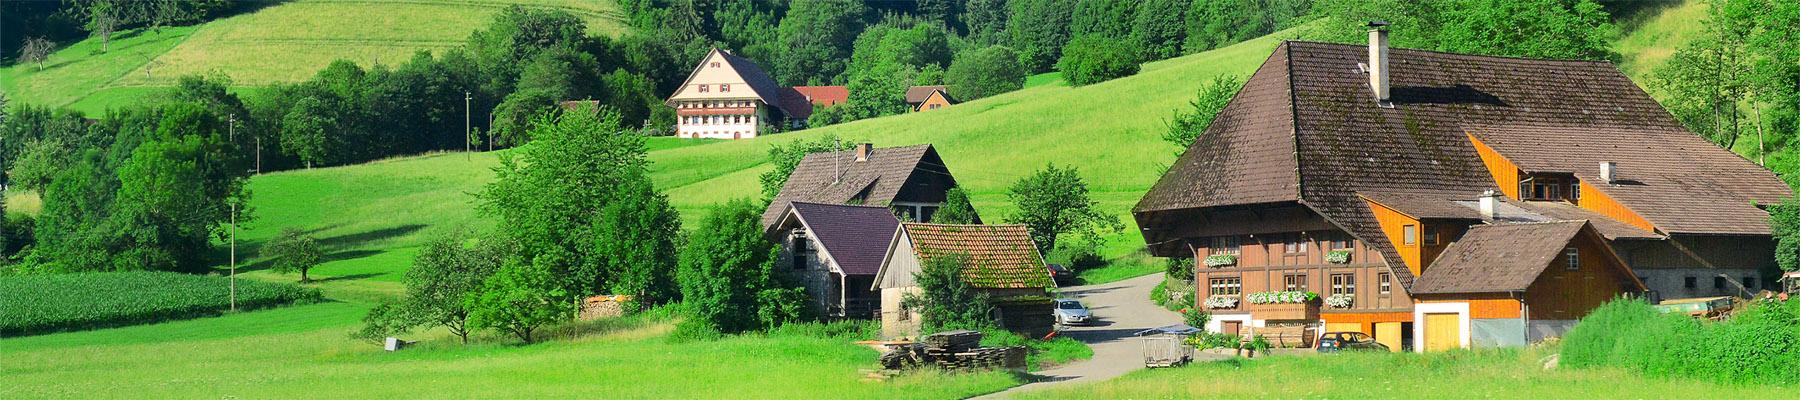 Bild von Urlaub auf dem Bauernhof